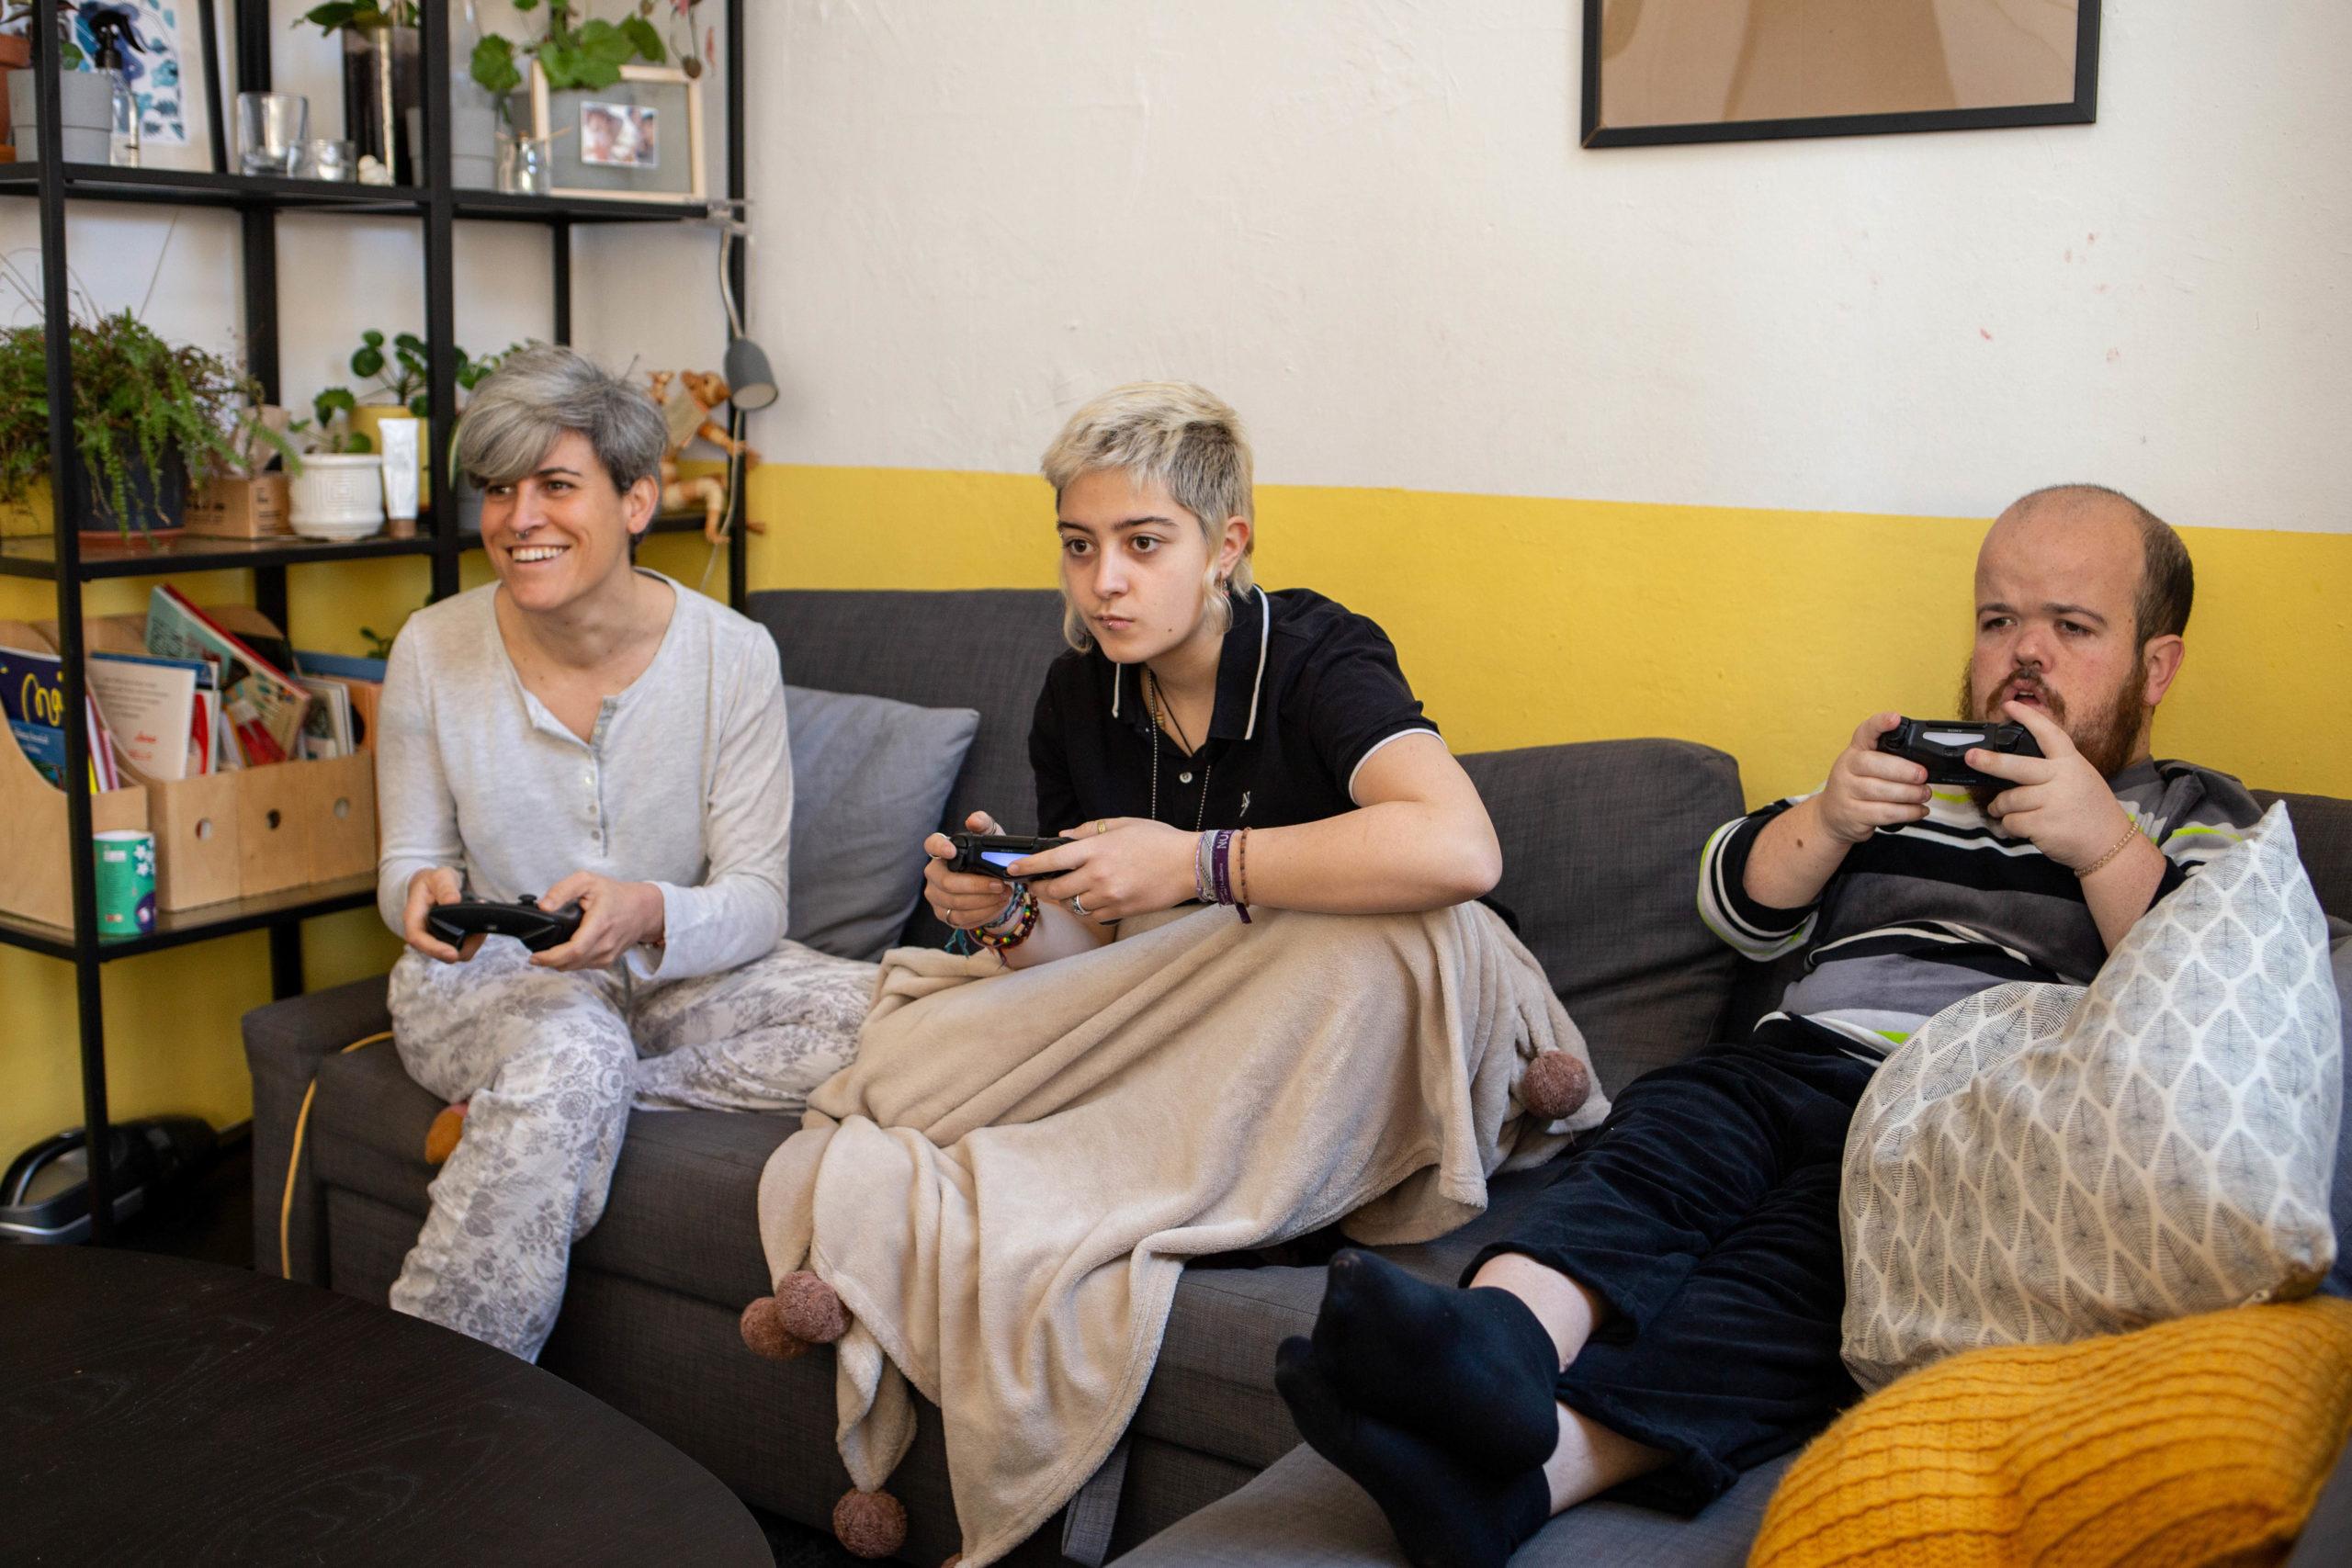 Tres companyes de pis jugant a un videojoc davant de la televisió i assegudes al sofà del menjador